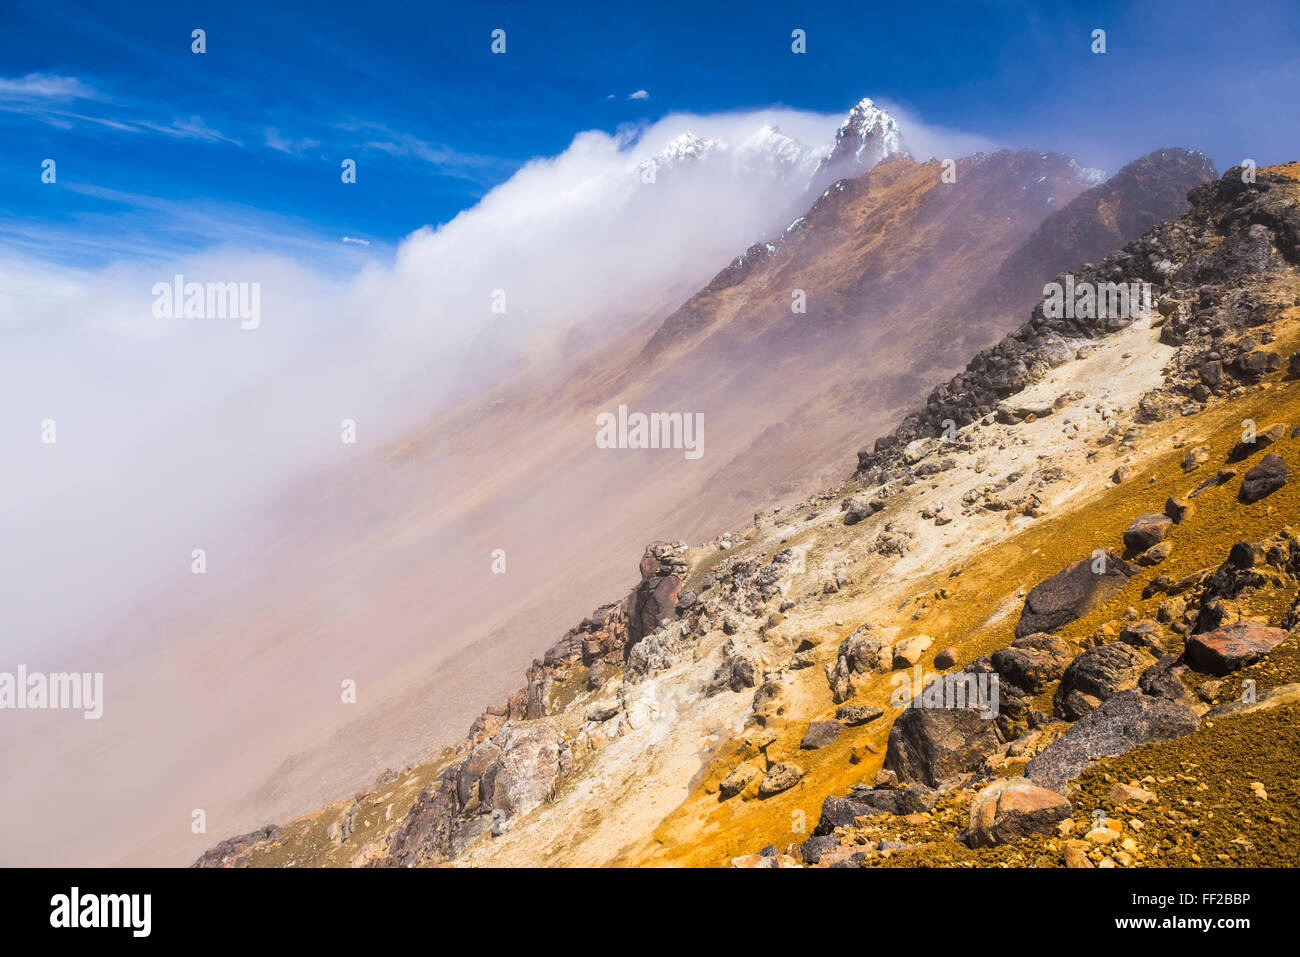 Los 5126m de cumbre Norte IRMRMiniza VoRMcano, Provincia de Pichincha, Ecuador, Sudamérica Foto de stock